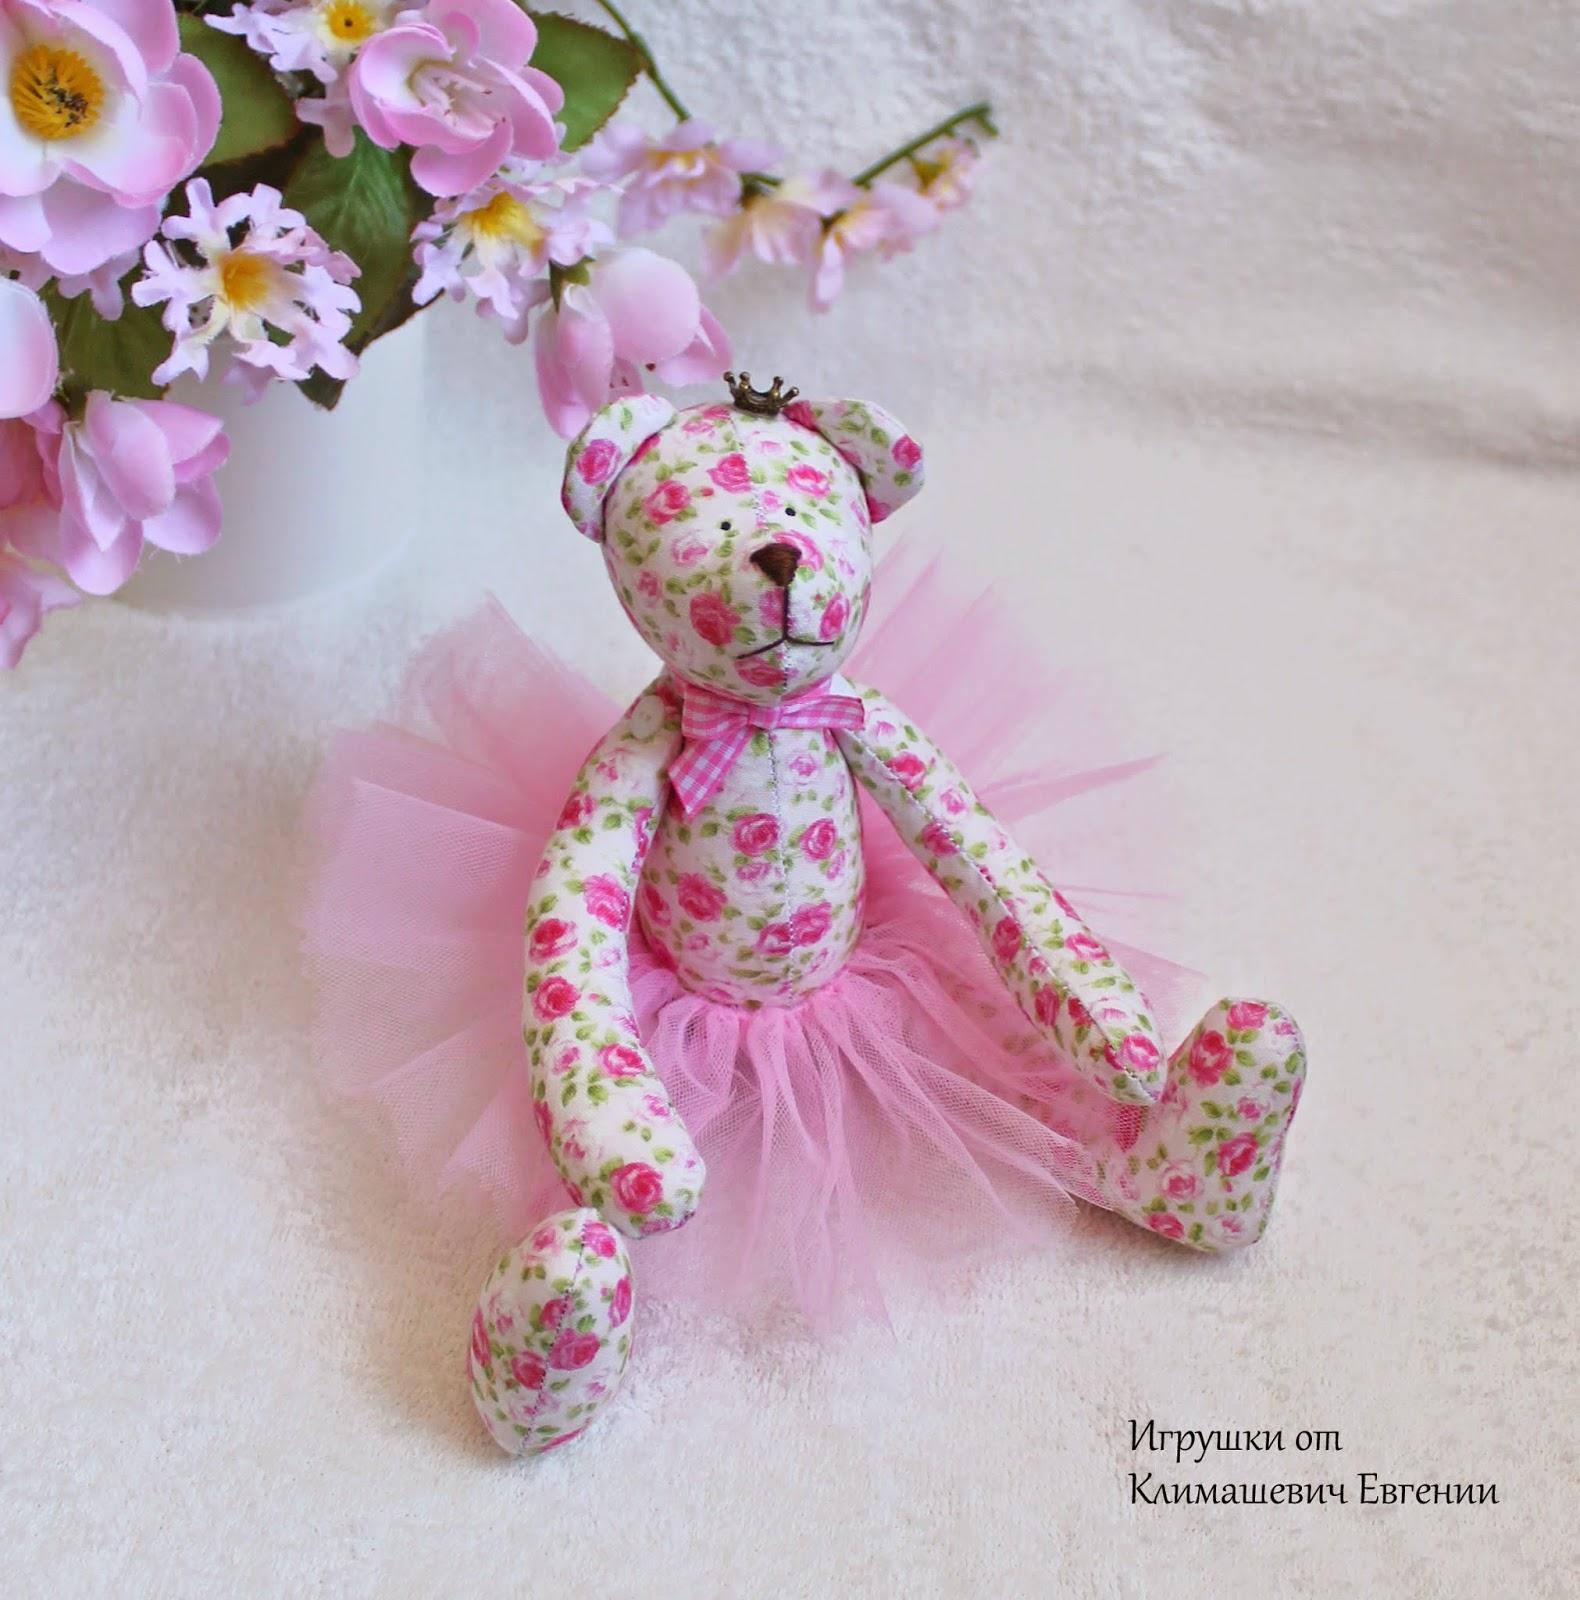 Мишка, тильда мишка, текстильный мишка, розовый, в розочку, в цветочек, в пачке, балерина, подарок, интерьерная игрушка, шебби шик, шебби стиль